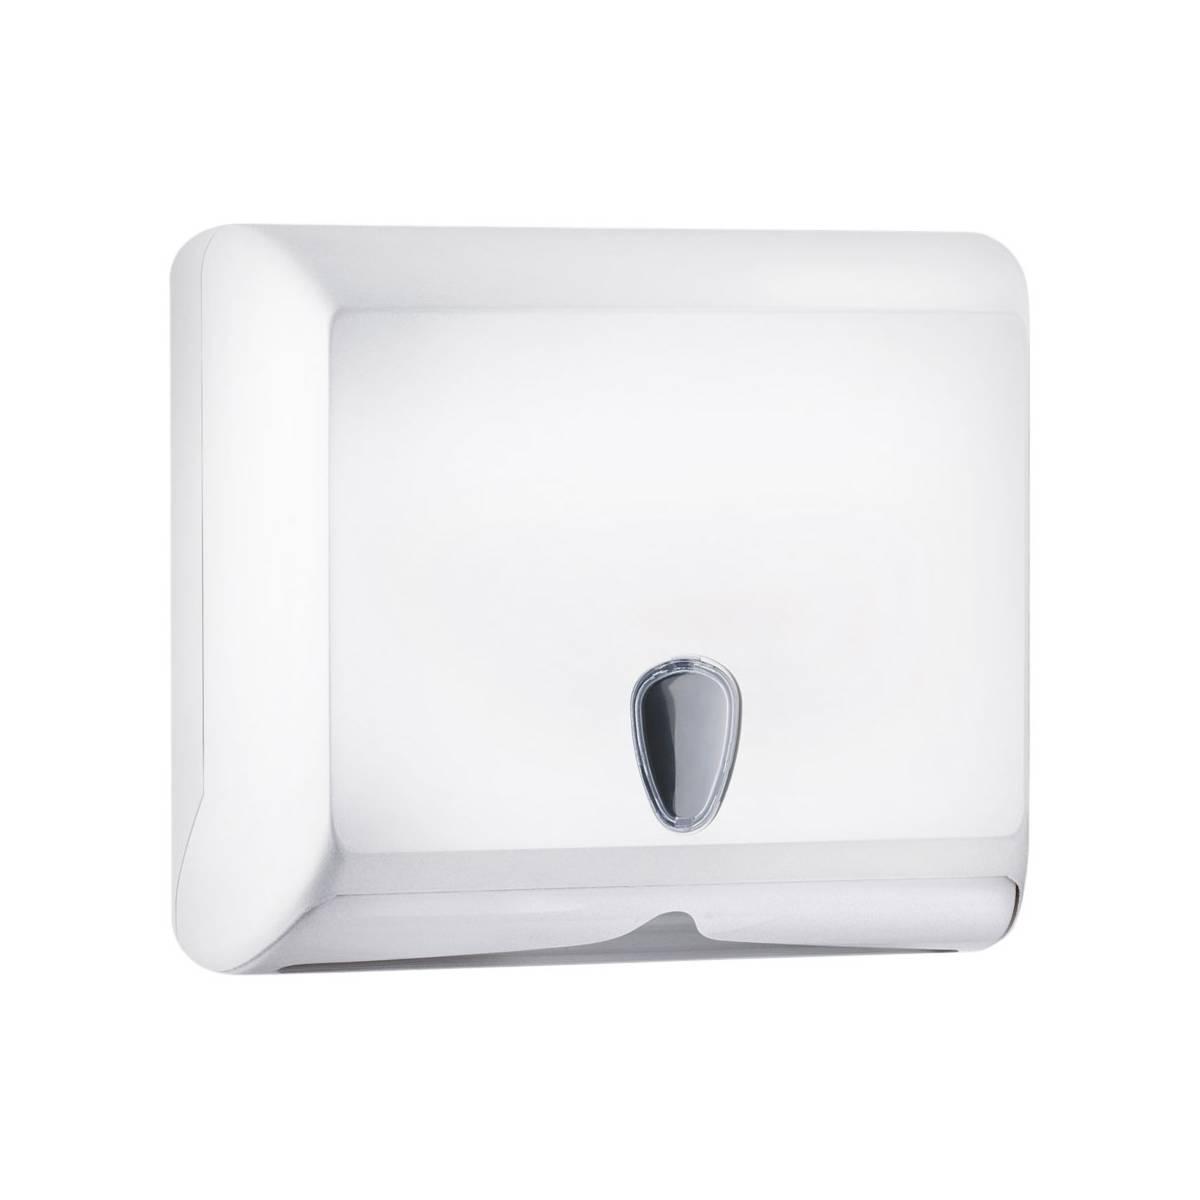 Держатель бумажных полотенец в пачках Z PLUS (838) A83801 Mar Plast